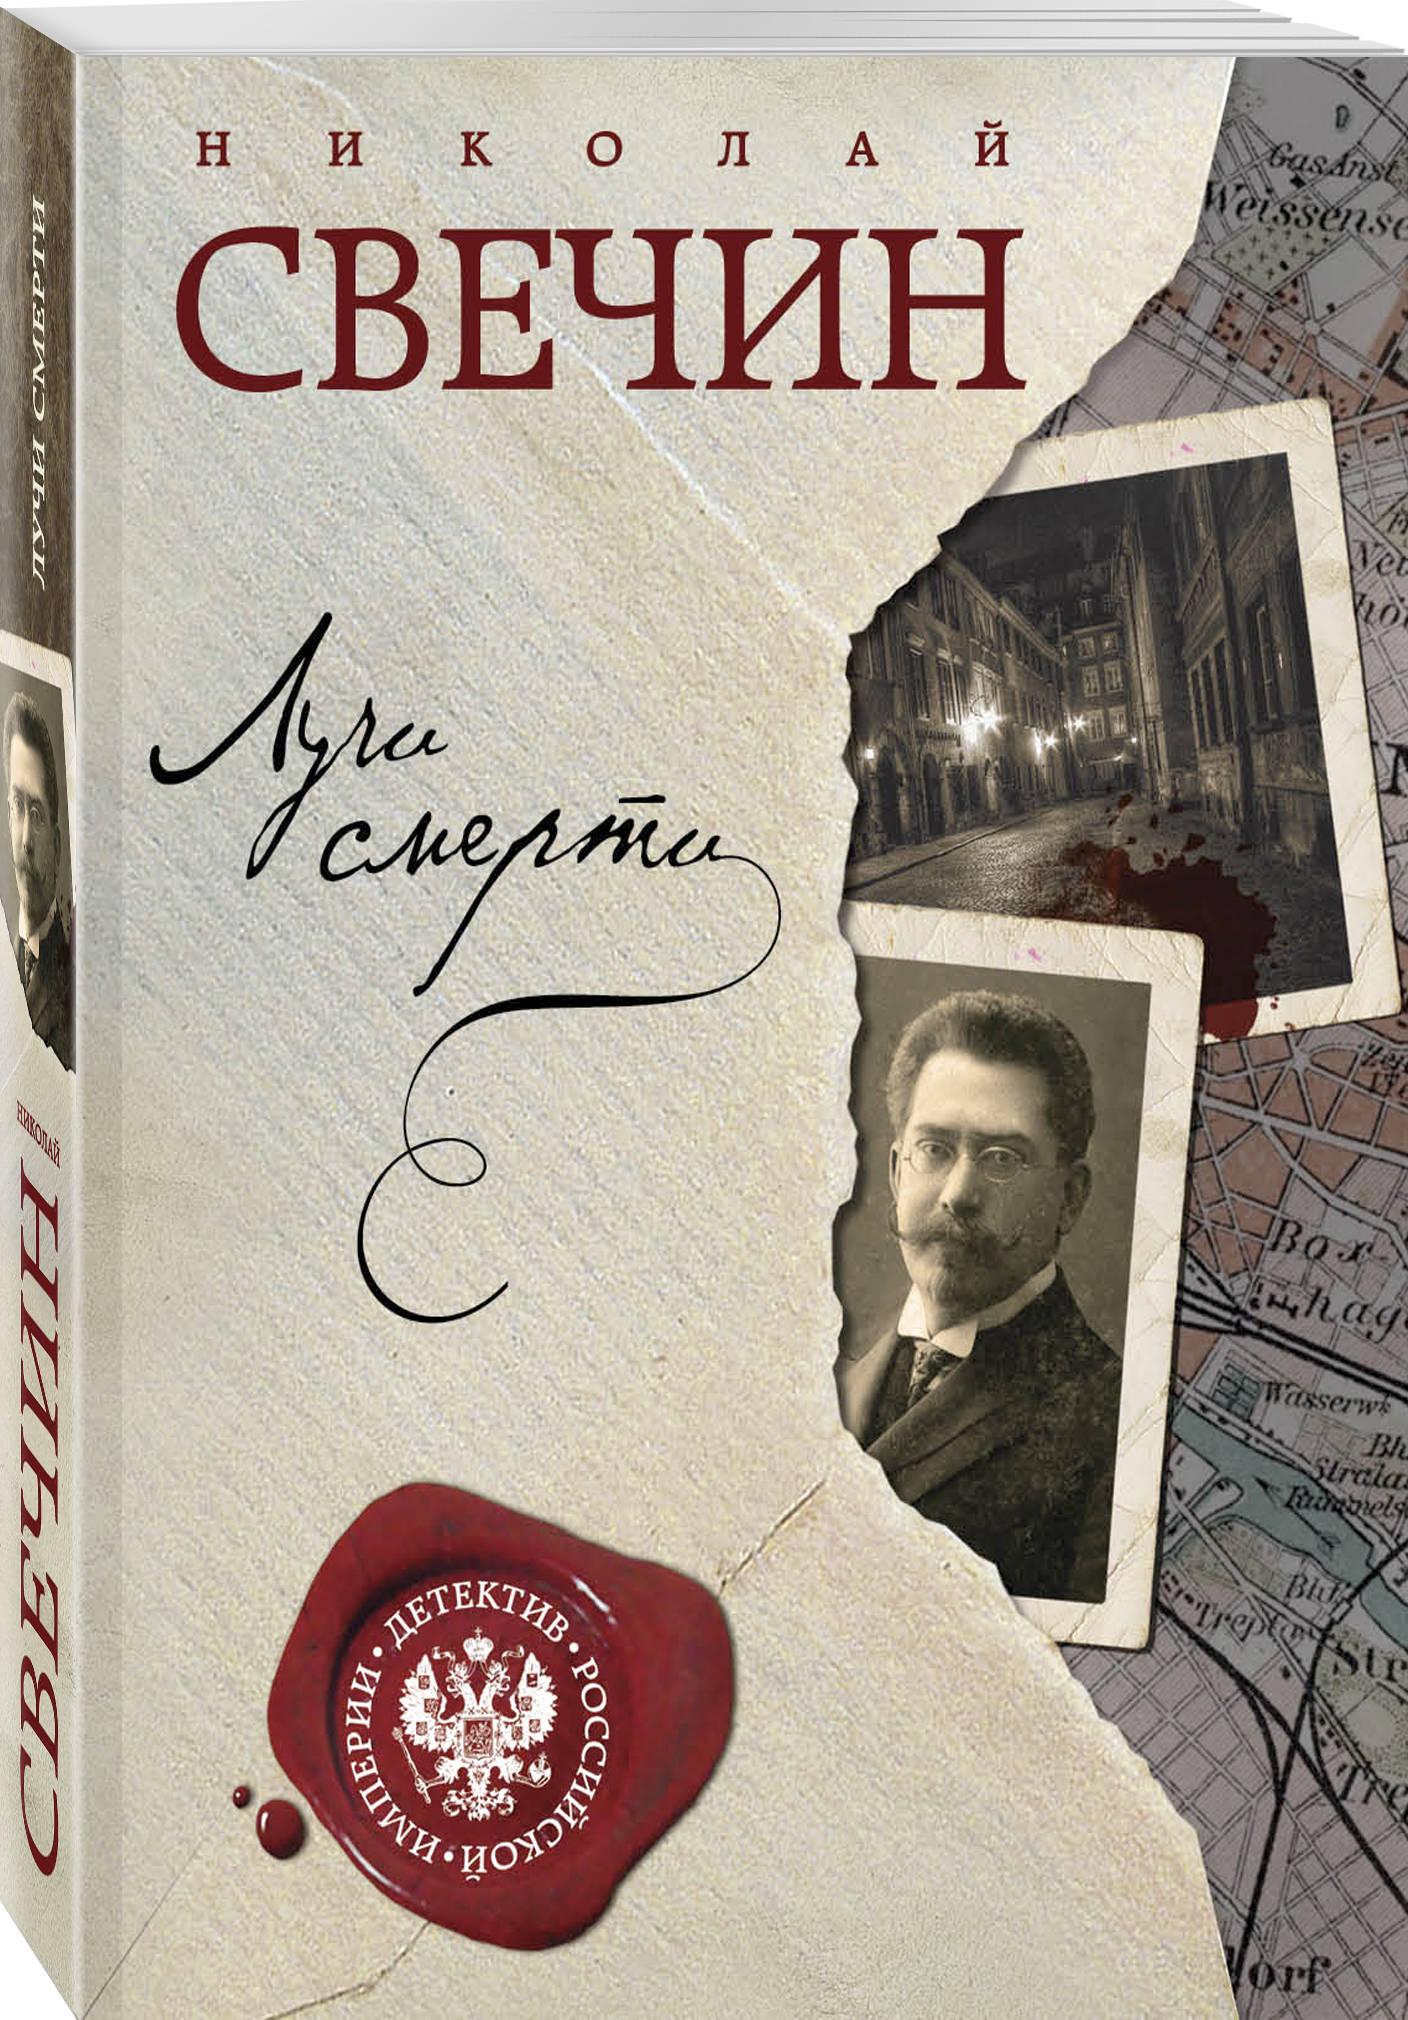 Николай Свечин Лучи смерти